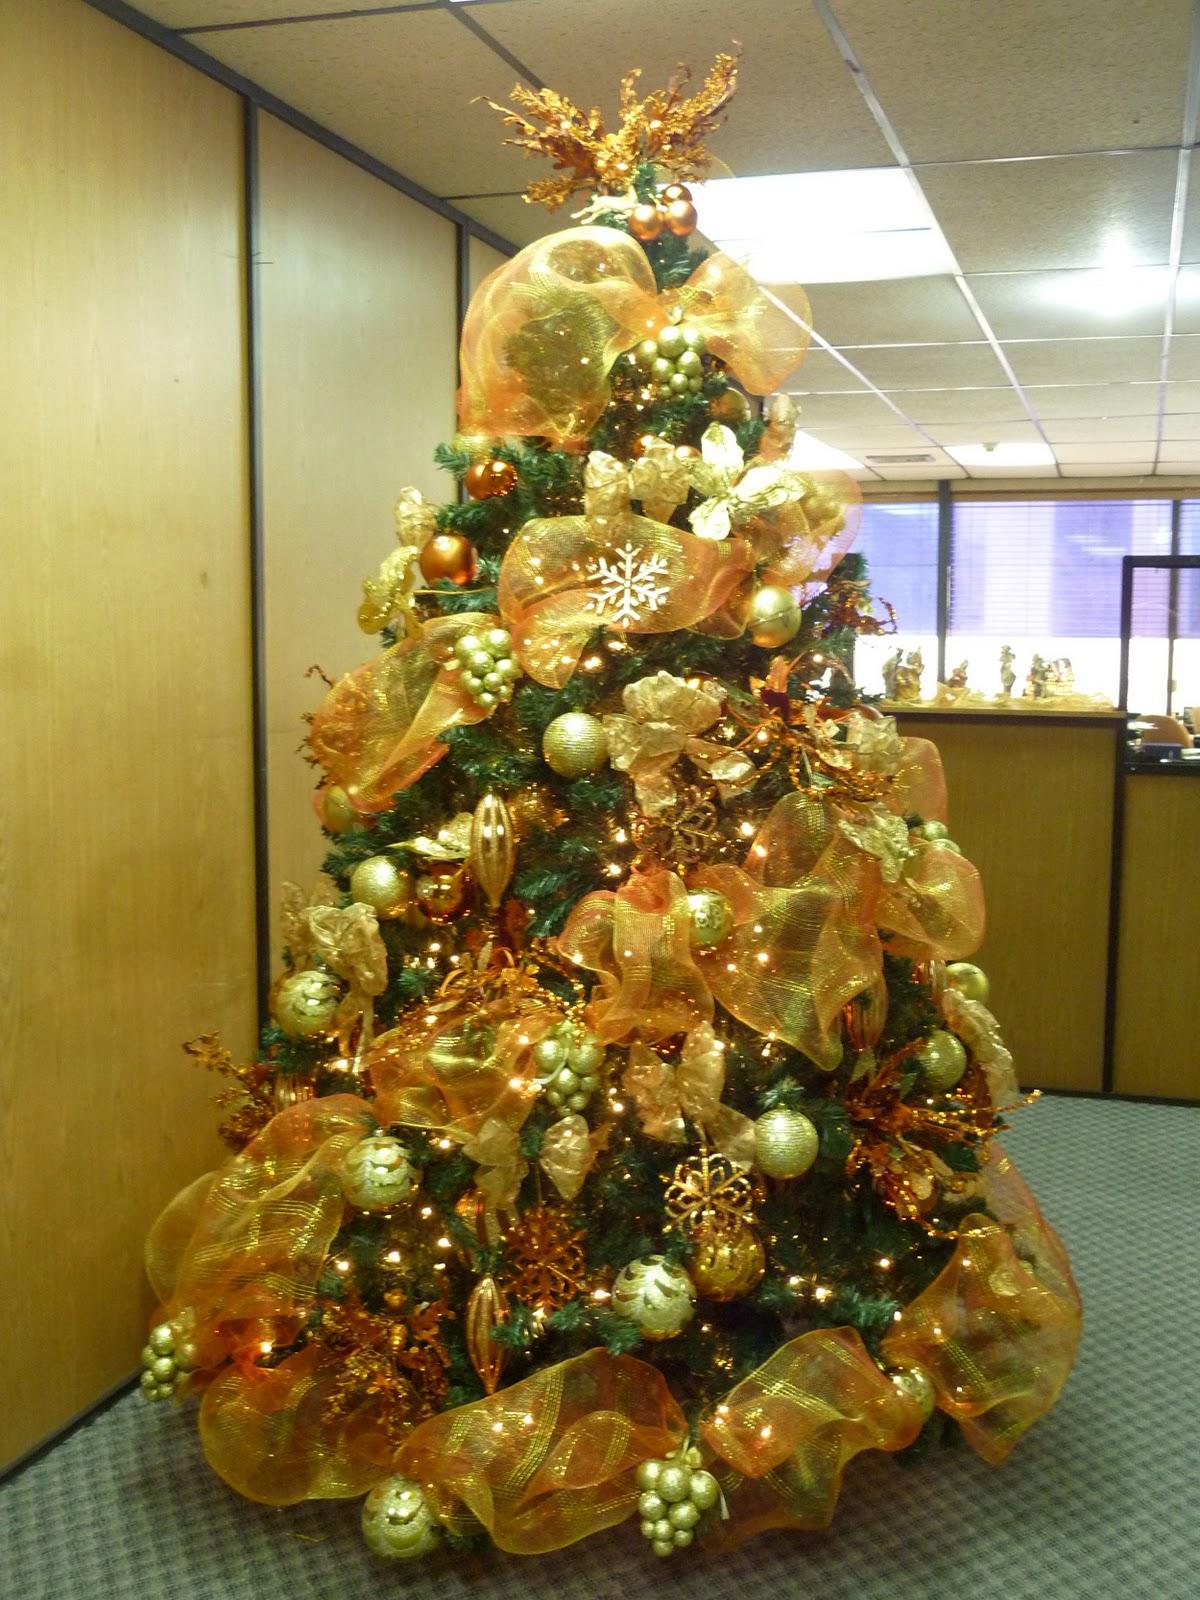 navidad tiempo de paz amor uni n y decoraci n